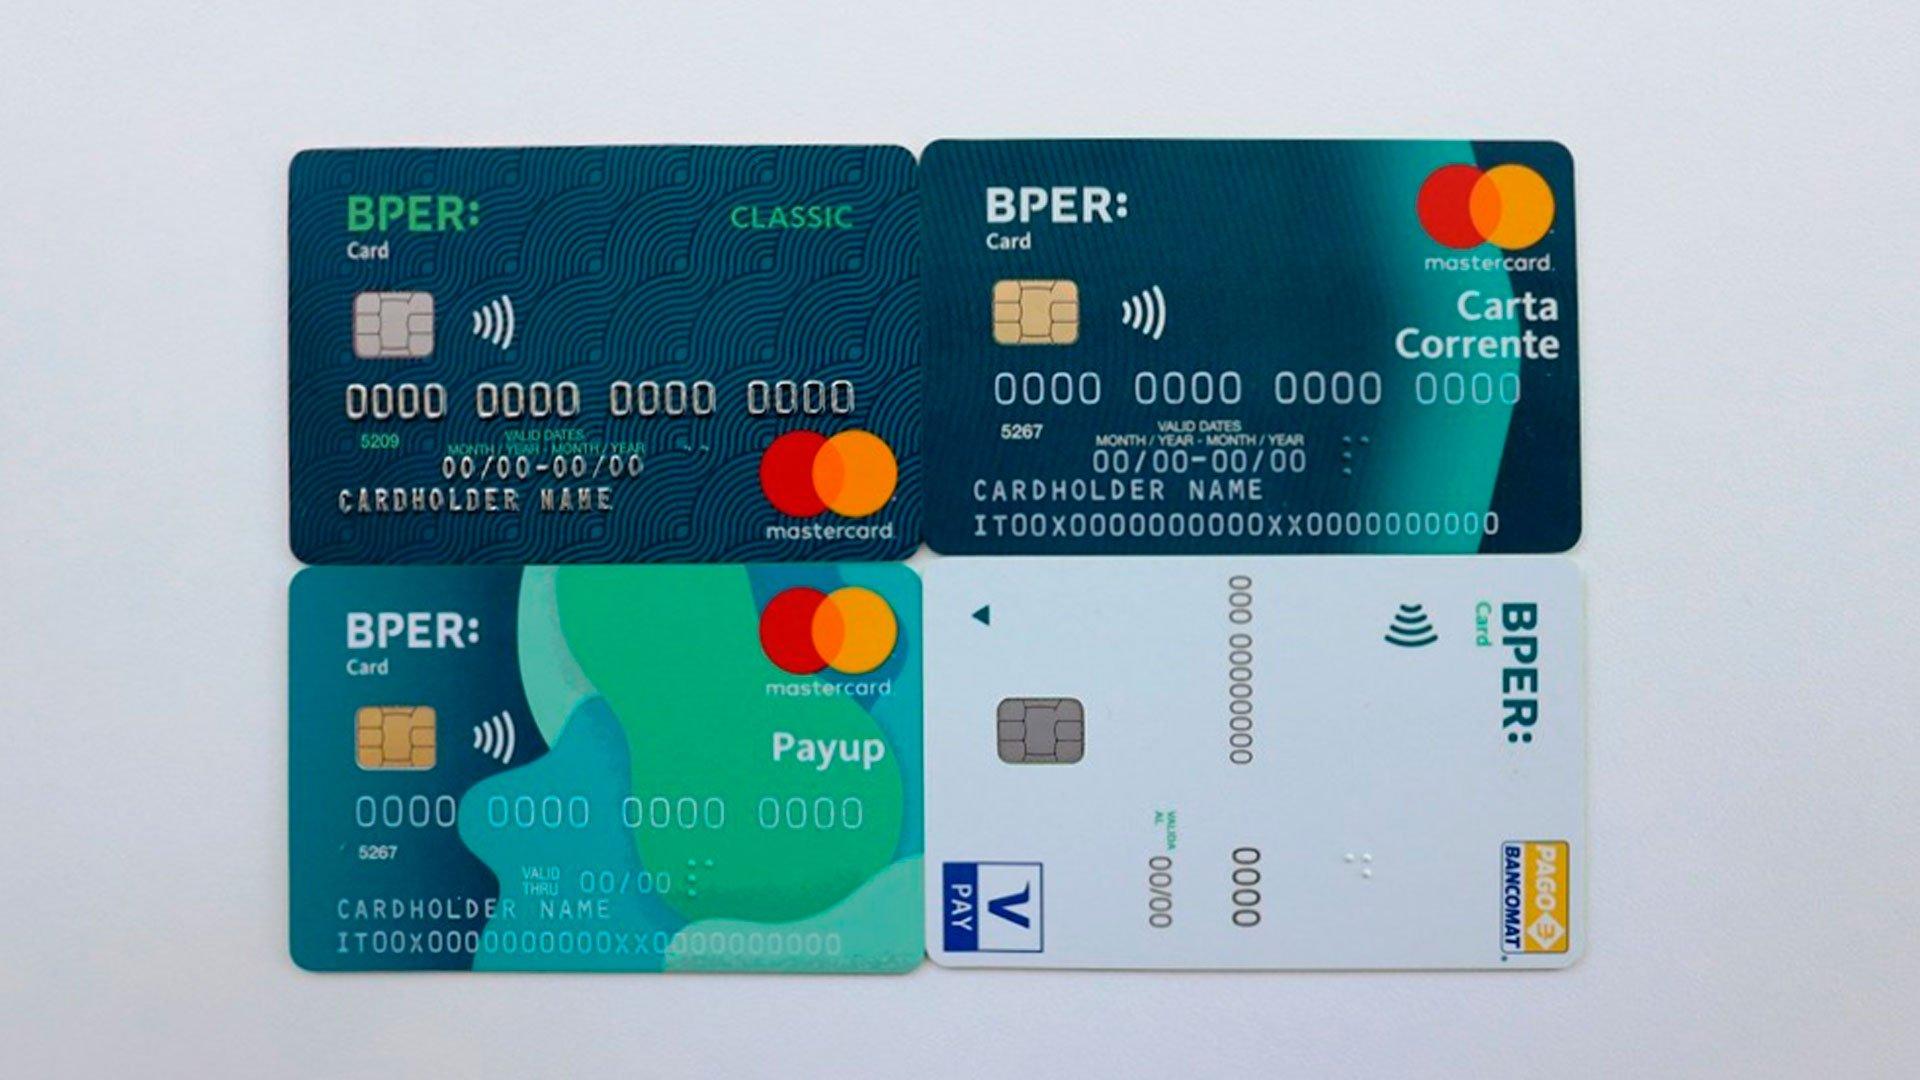 CarteBraille1 BPER Banca presenta le carte di pagamento in Braille